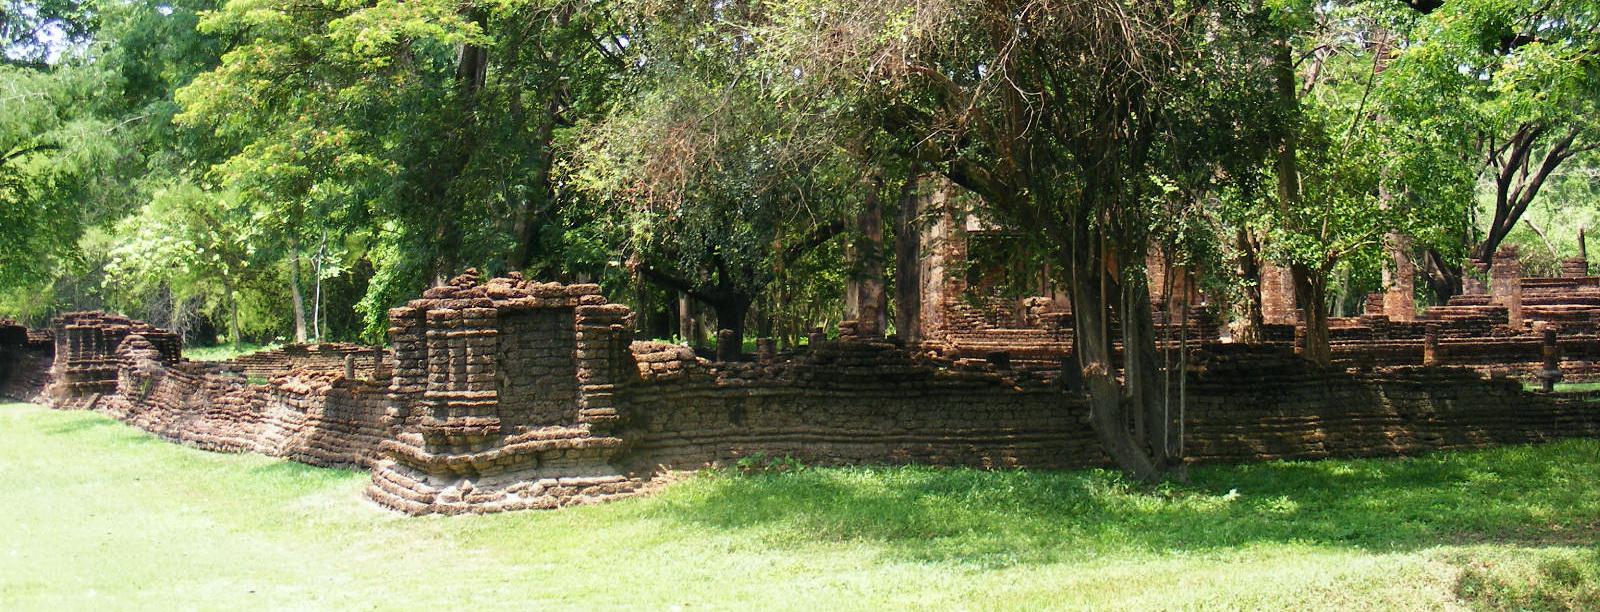 Wat_Nang_Paya_1-Si_Satchanalai_historical_park